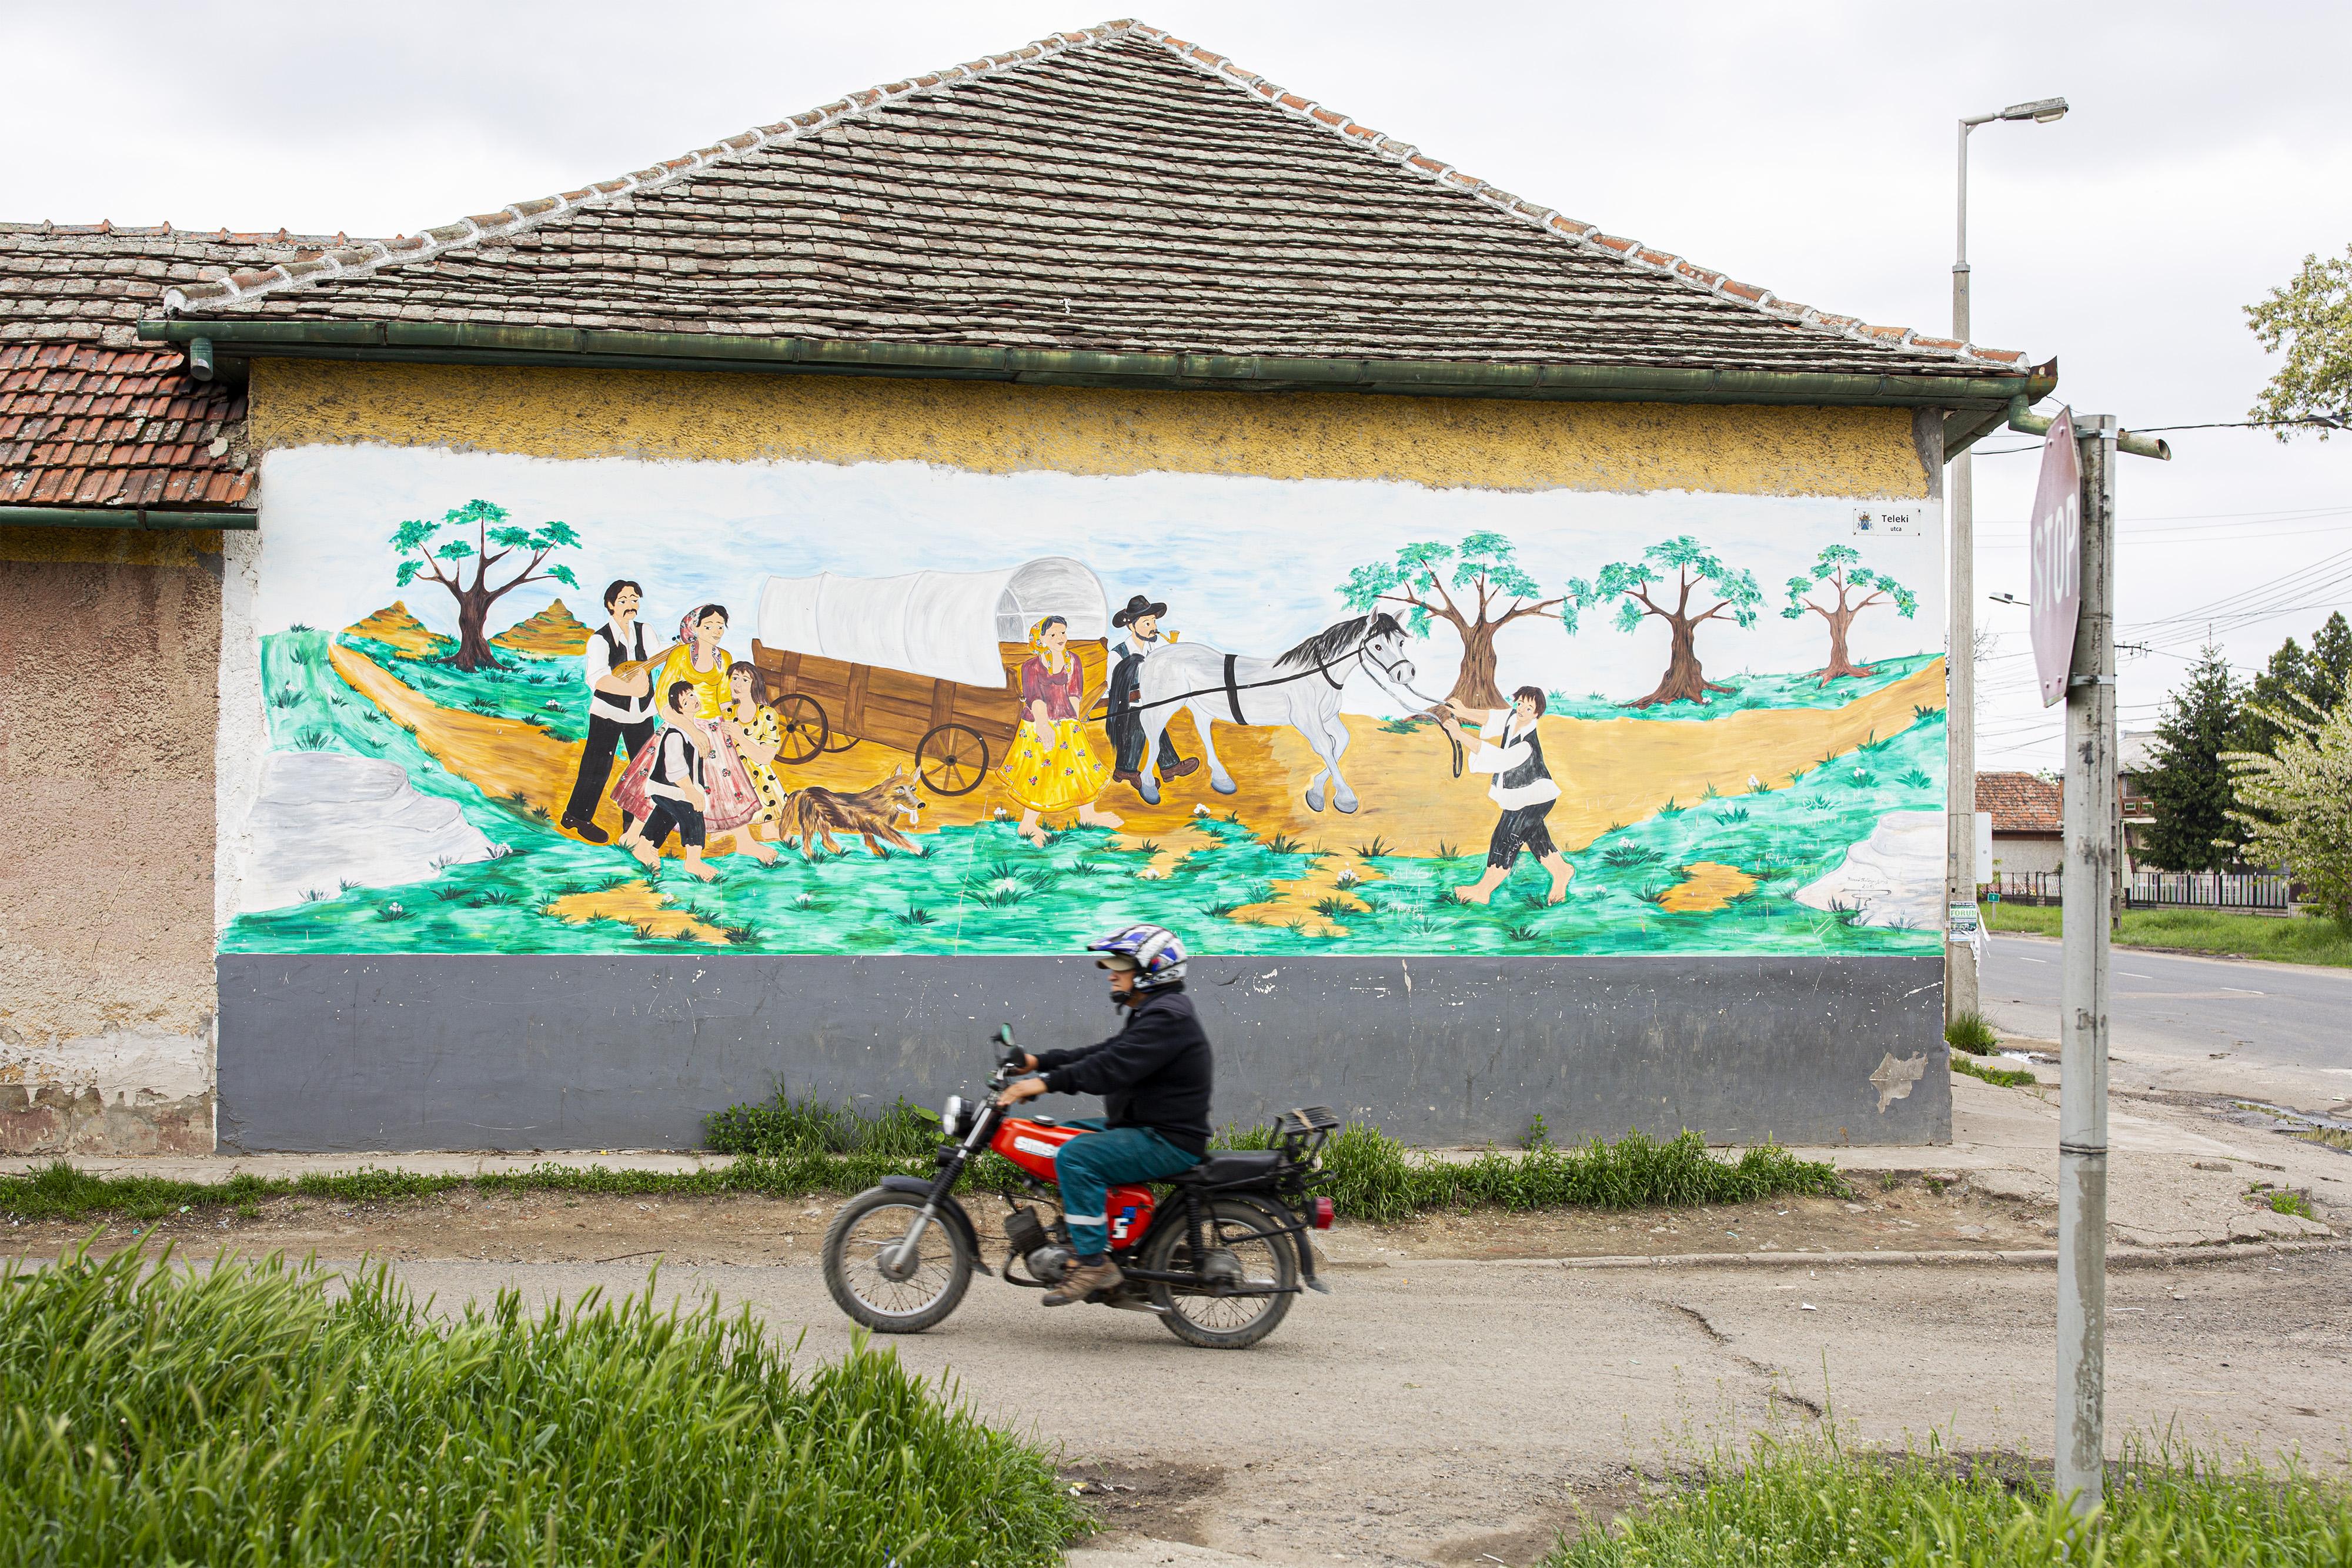 Rettegve várják a törökszentmiklósi romák a szélsőjobbosokat